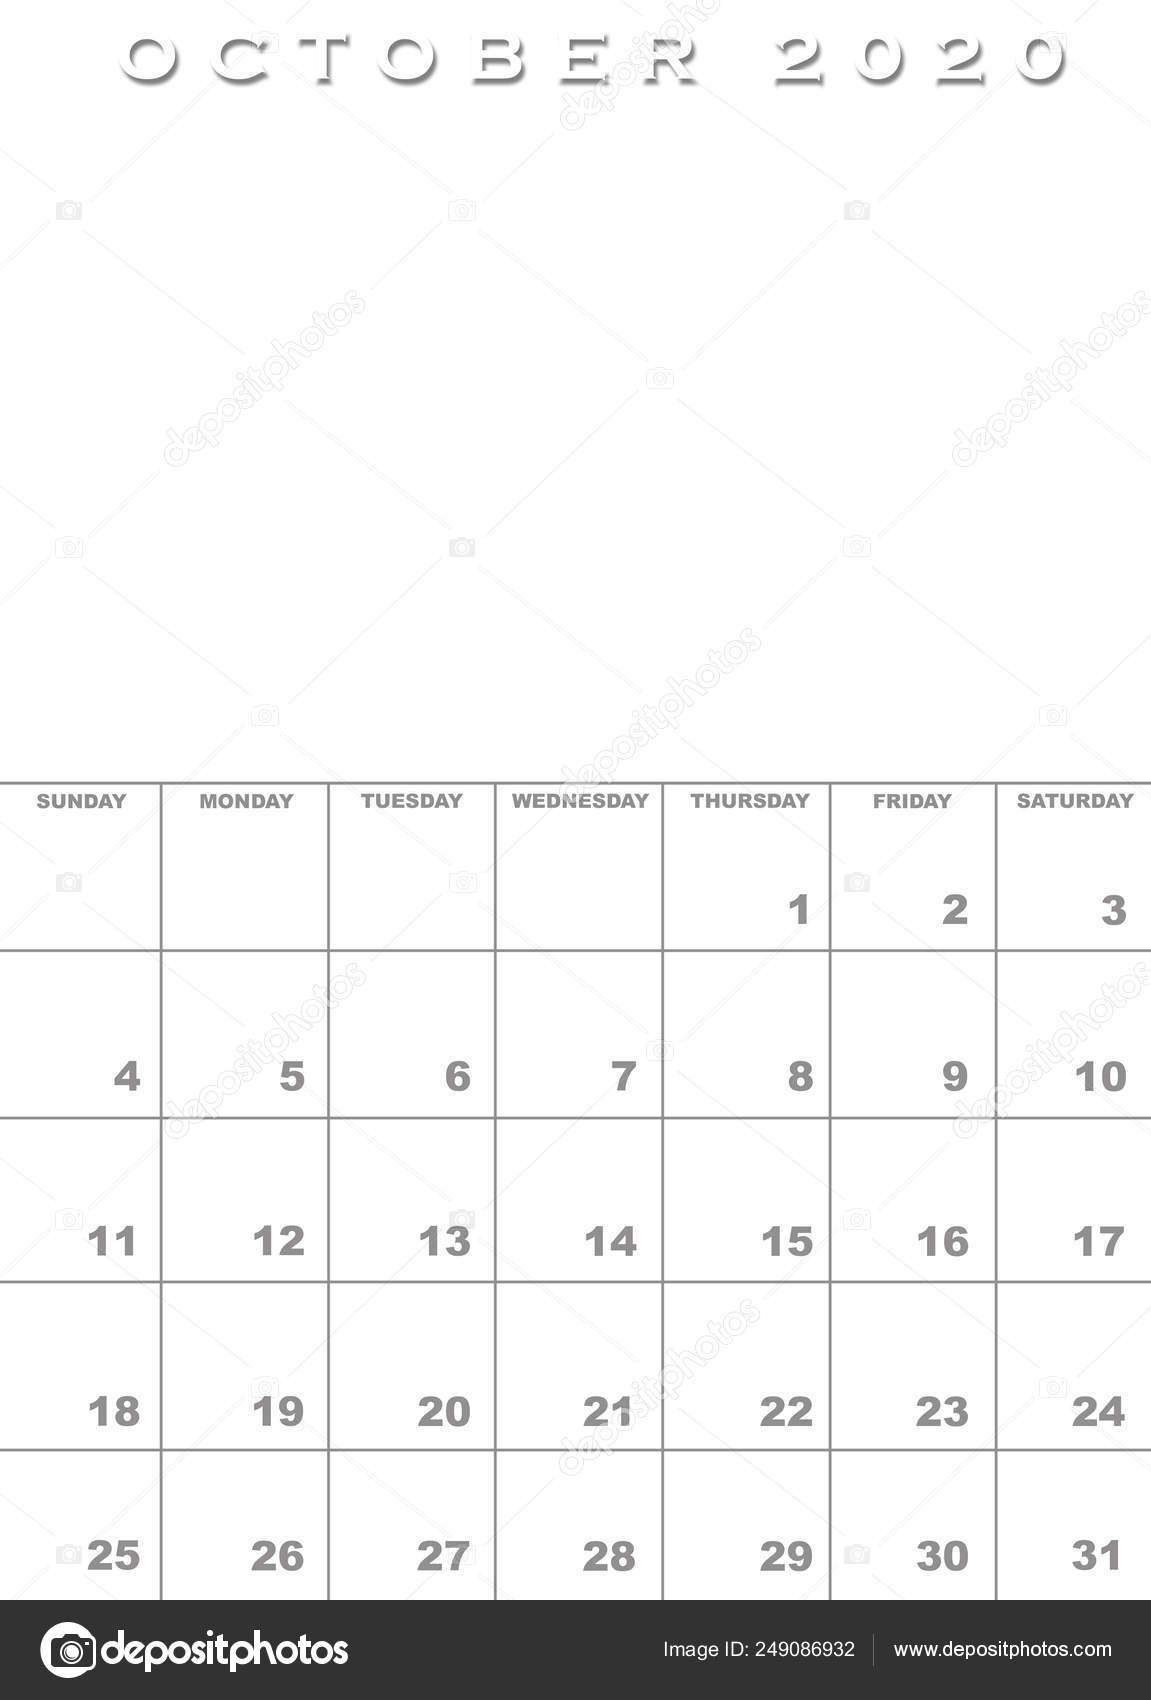 Calendario Mese Ottobre 2020.Modello Di Calendario Di Ottobre 2020 Foto Stock